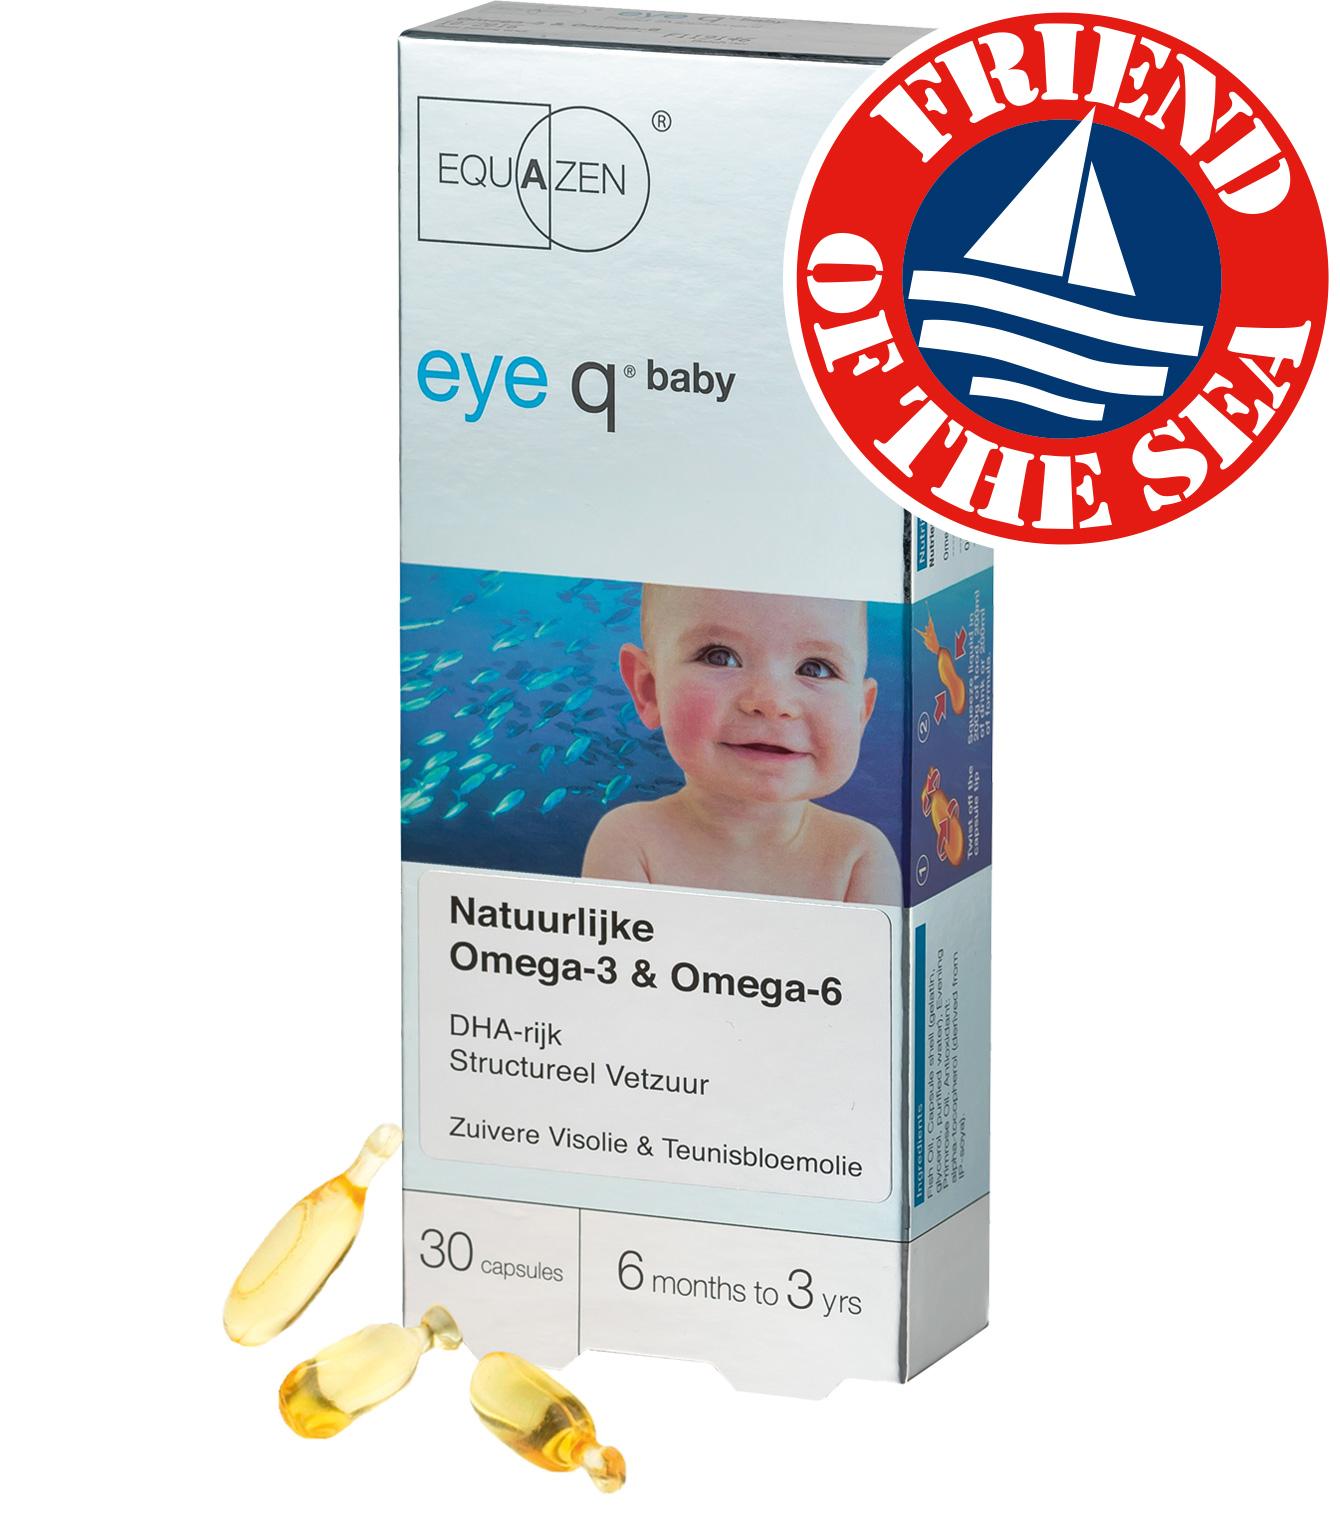 Equazen Eye Q baby